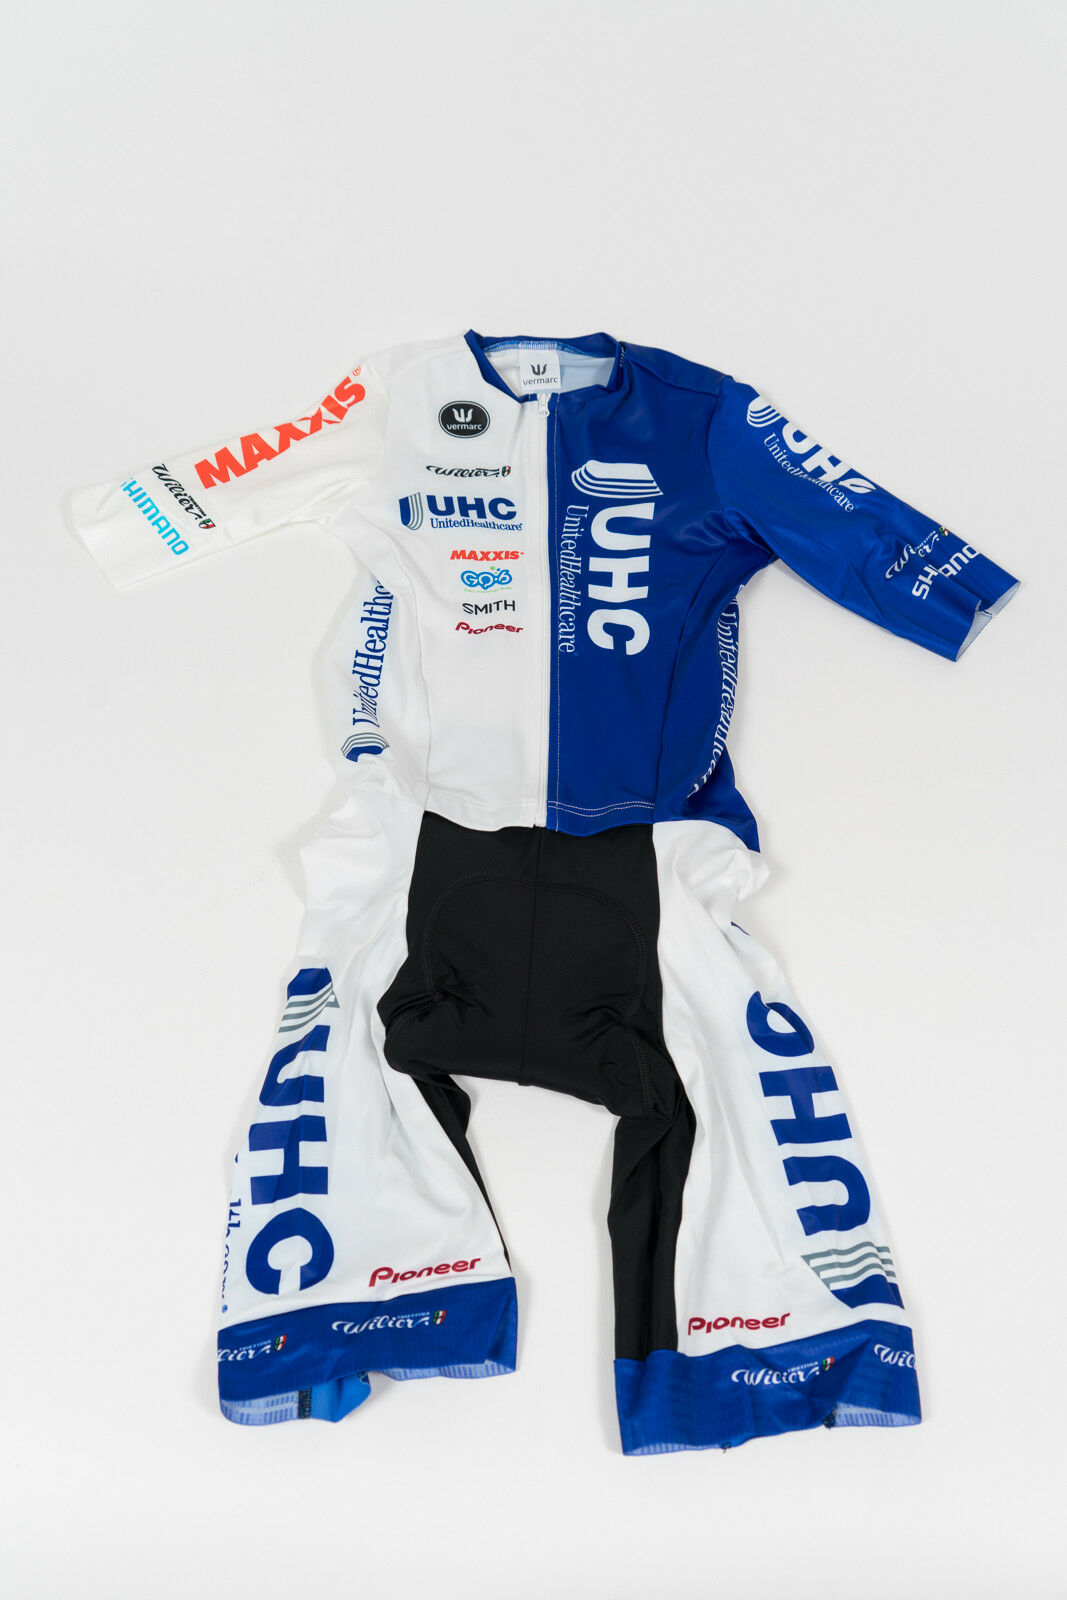 Nuevo Para hombres 2016 Vermarc UHC Pro embolsada traje para ciclismo, ciclismo manga corta Azul blancoo, Talla M